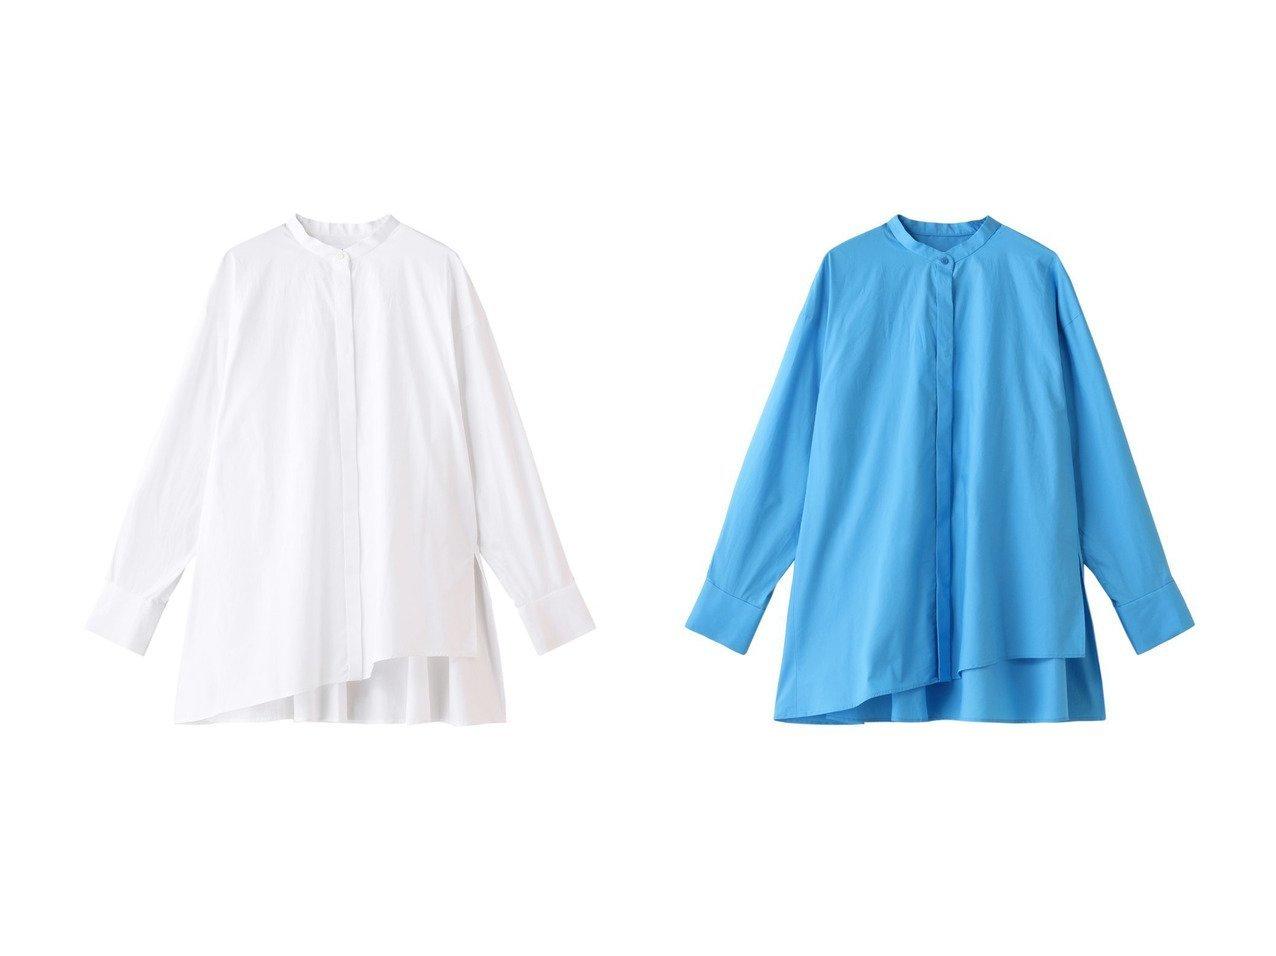 【ENFOLD/エンフォルド】のCOブロード アシンメトリーヘムスタンド シャツ&SOMELOS アシンメトリーヘムスタンド シャツ トップス・カットソーのおすすめ!人気、トレンド・レディースファッションの通販 おすすめで人気の流行・トレンド、ファッションの通販商品 メンズファッション・キッズファッション・インテリア・家具・レディースファッション・服の通販 founy(ファニー) https://founy.com/ ファッション Fashion レディースファッション WOMEN トップス Tops Tshirt シャツ/ブラウス Shirts Blouses 2021年 2021 2021 春夏 S/S SS Spring/Summer 2021 S/S 春夏 SS Spring/Summer アシンメトリー スリット スリーブ フロント ブロード ロング 春 Spring |ID:crp329100000015582